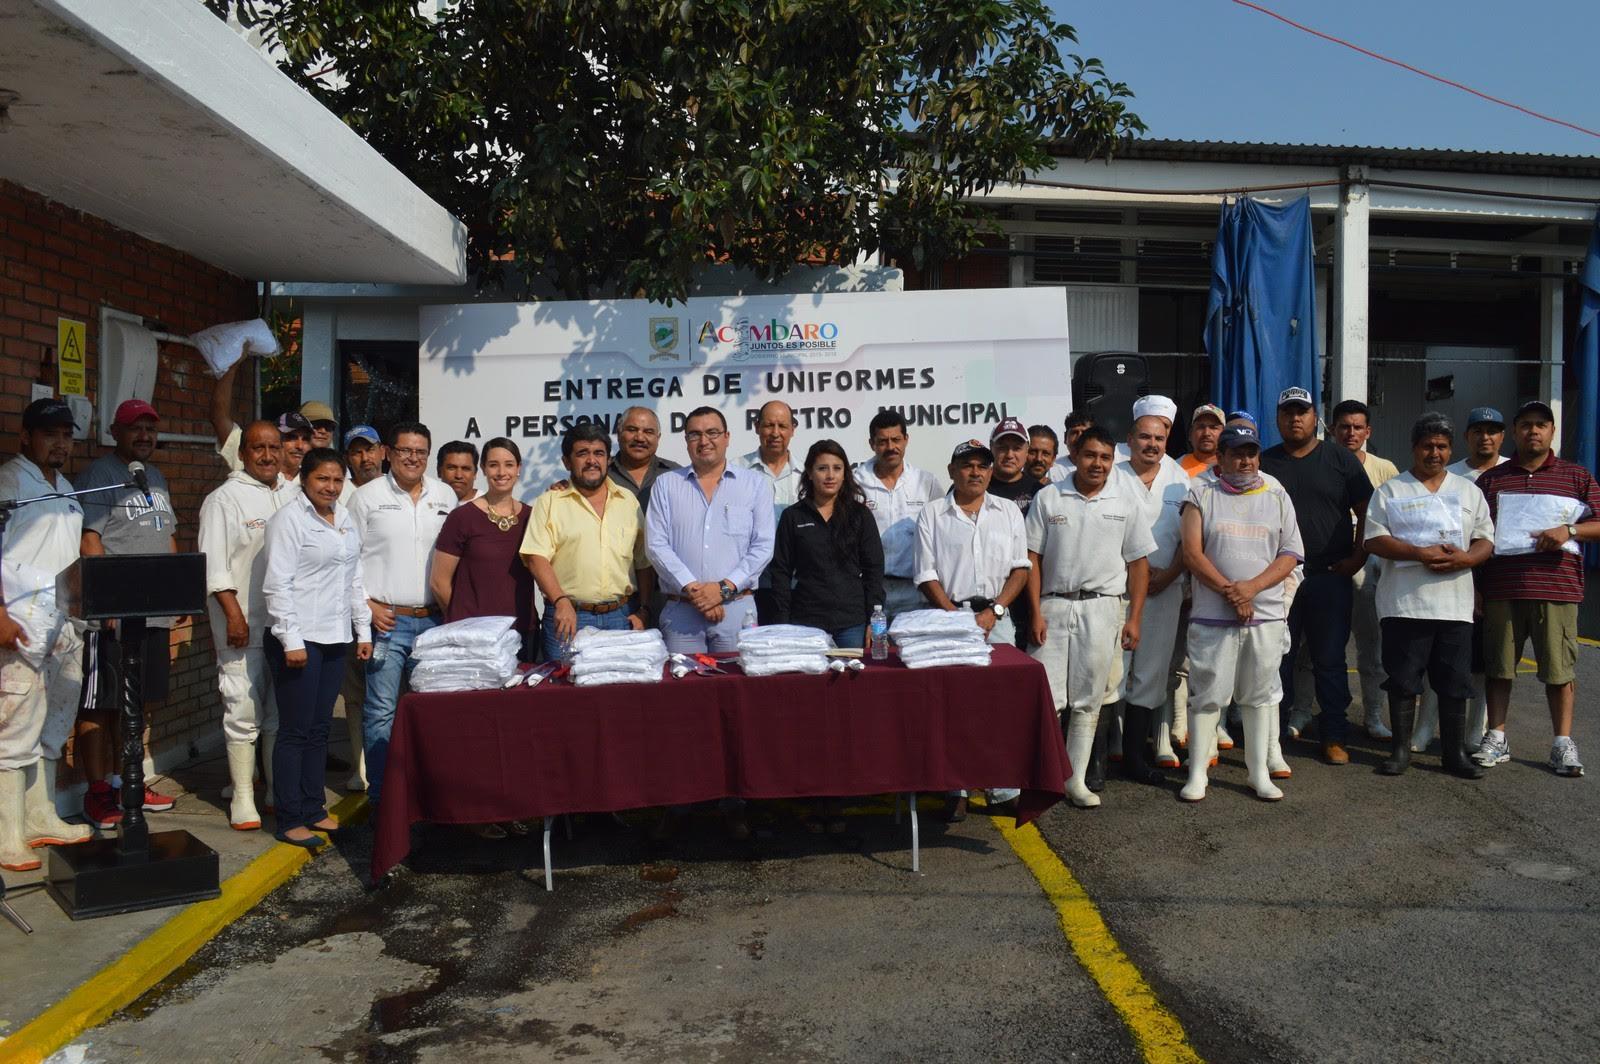 el evento con la entrega simbólica de uniformes al personal de las áreas de inspección, manejo de reses, manejo de porcinos, estiba, y área de corraleros.